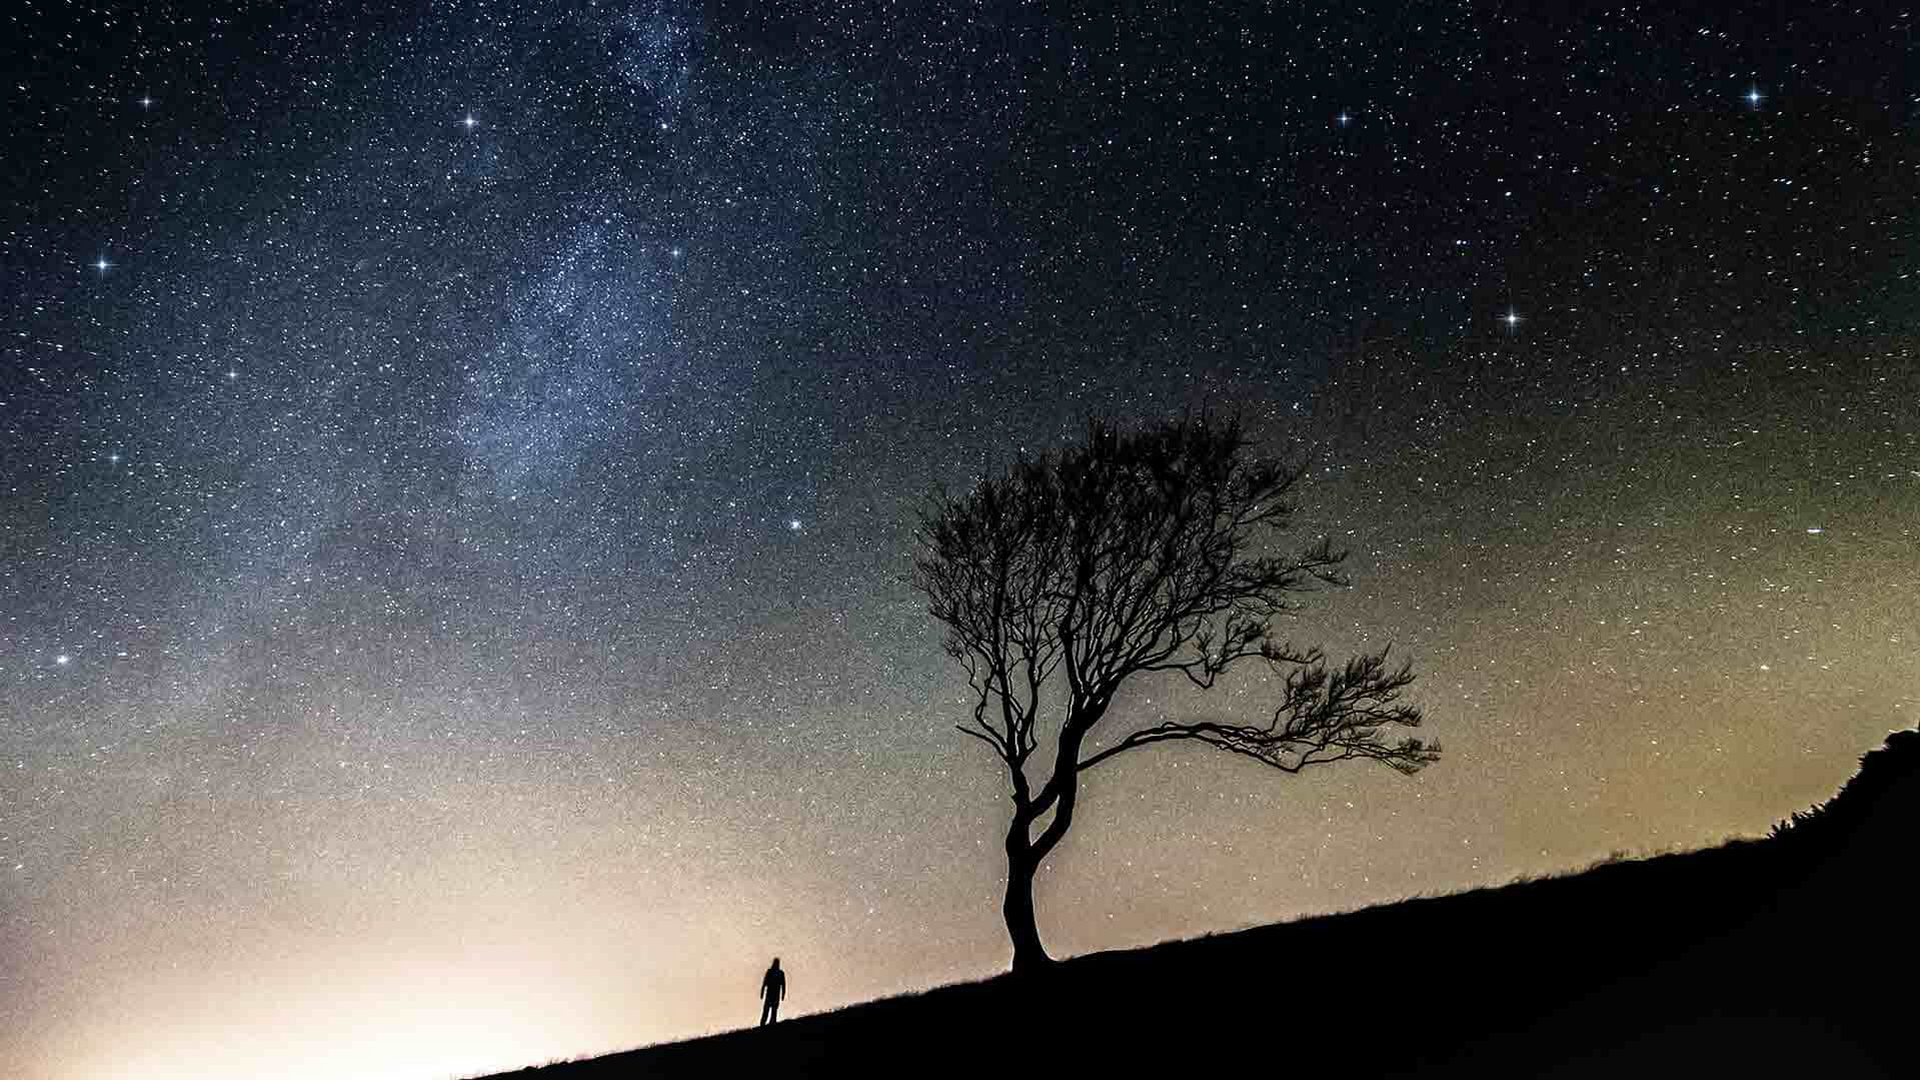 Suggesties voor het sterrenkijken van deze Week